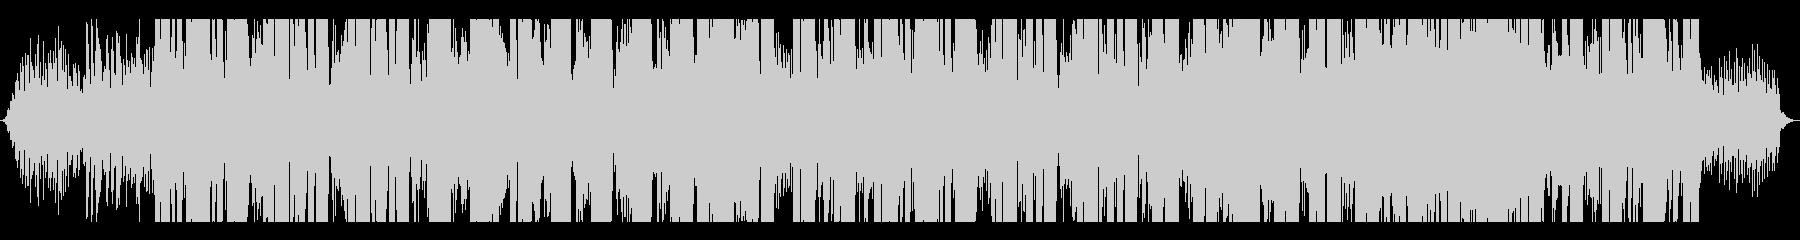 クールなシンセ曲の未再生の波形